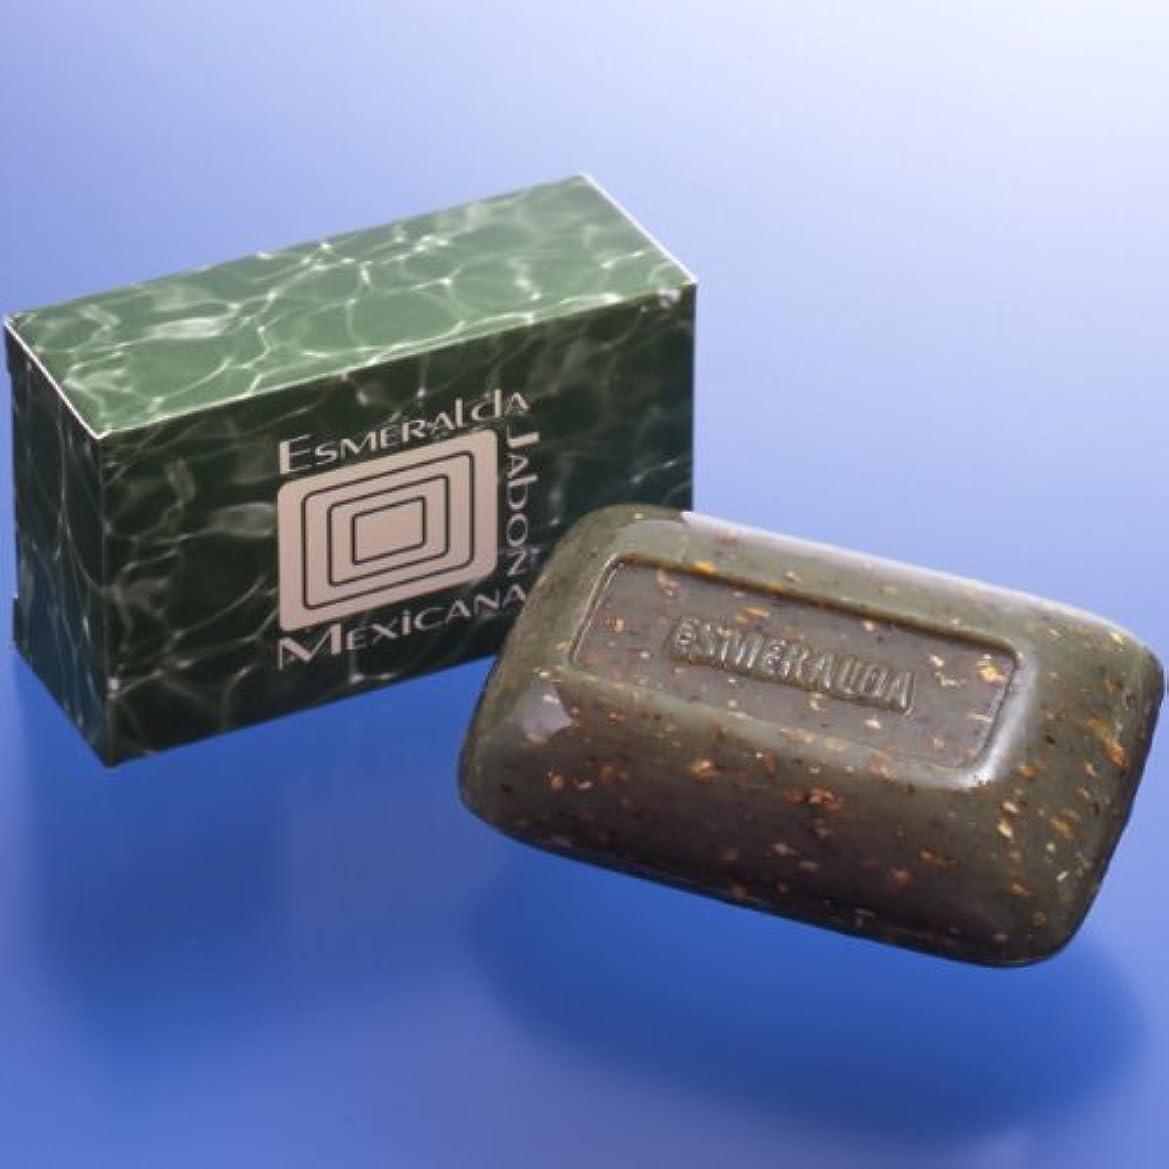 メキシコで大人気のシミ取り石鹸『エスメラルダ?ハボン?メキシカーナ』